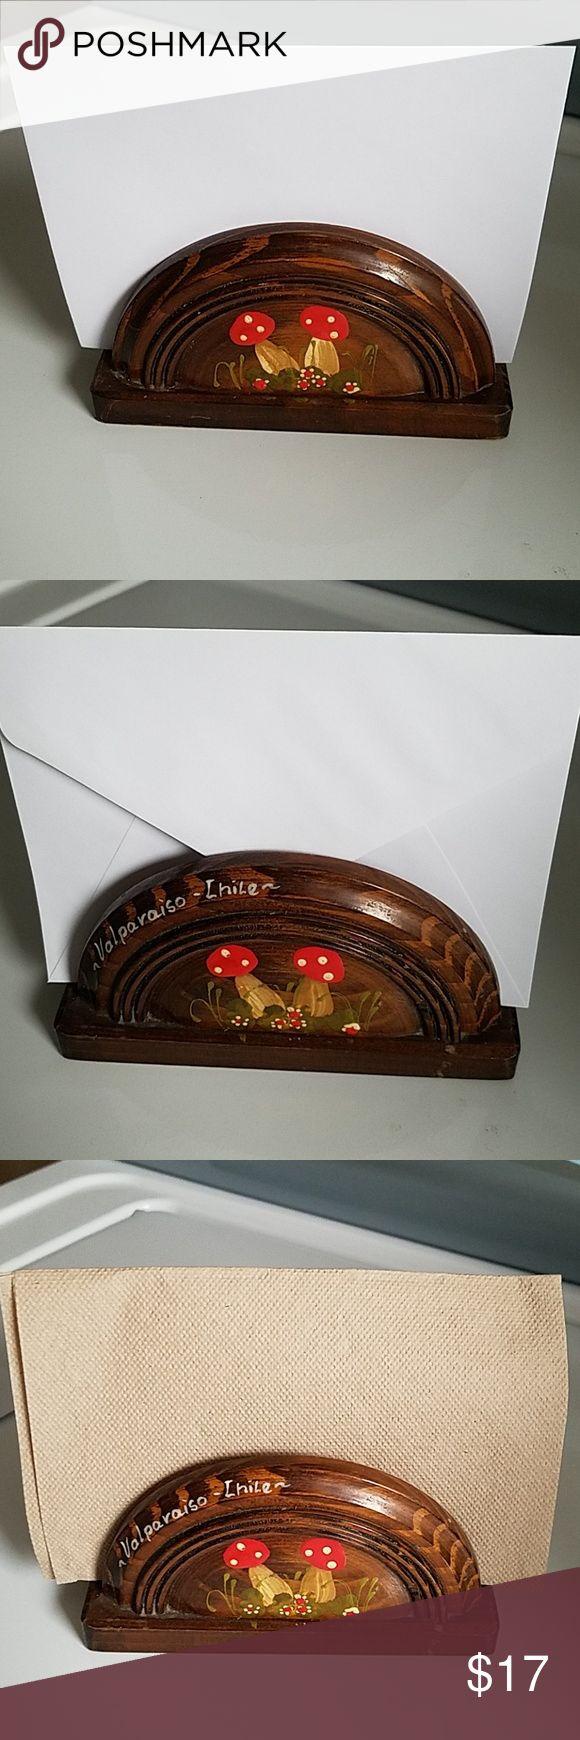 Vintage Wooden Mushroom Letter Napkin Holder Vinta…